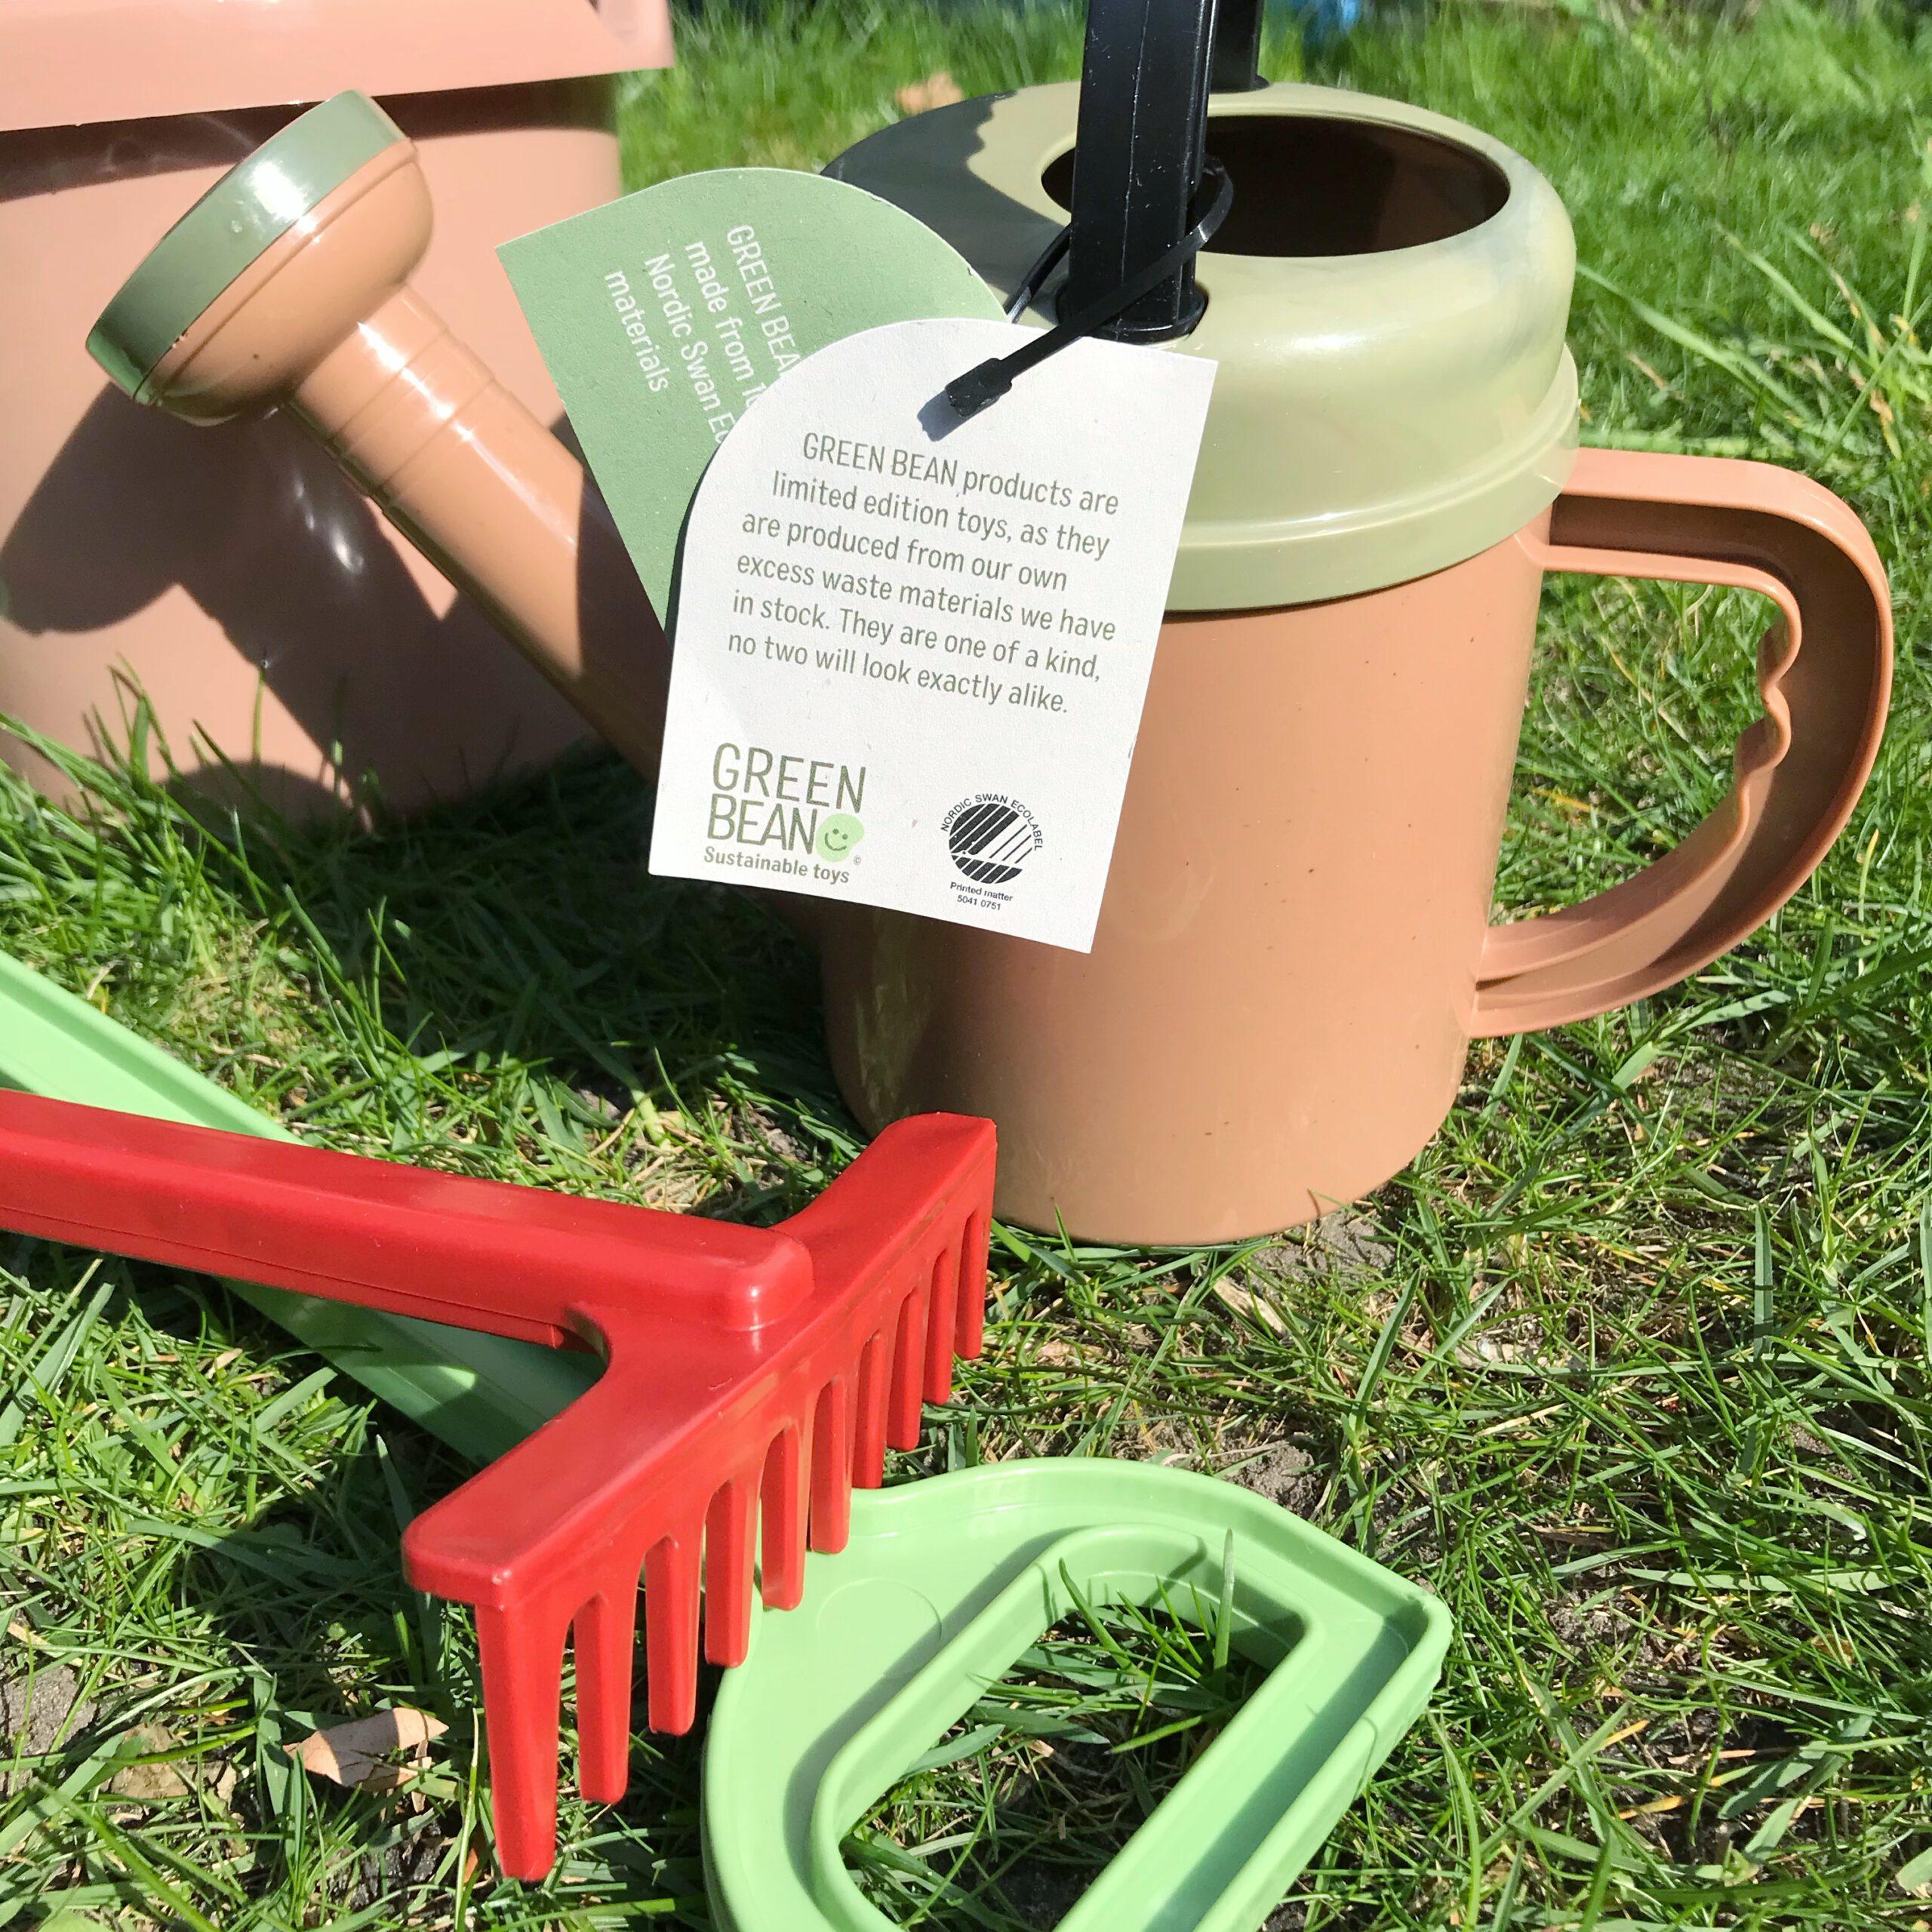 green bean dantoy buitenspeelgoed duurzaam plastic